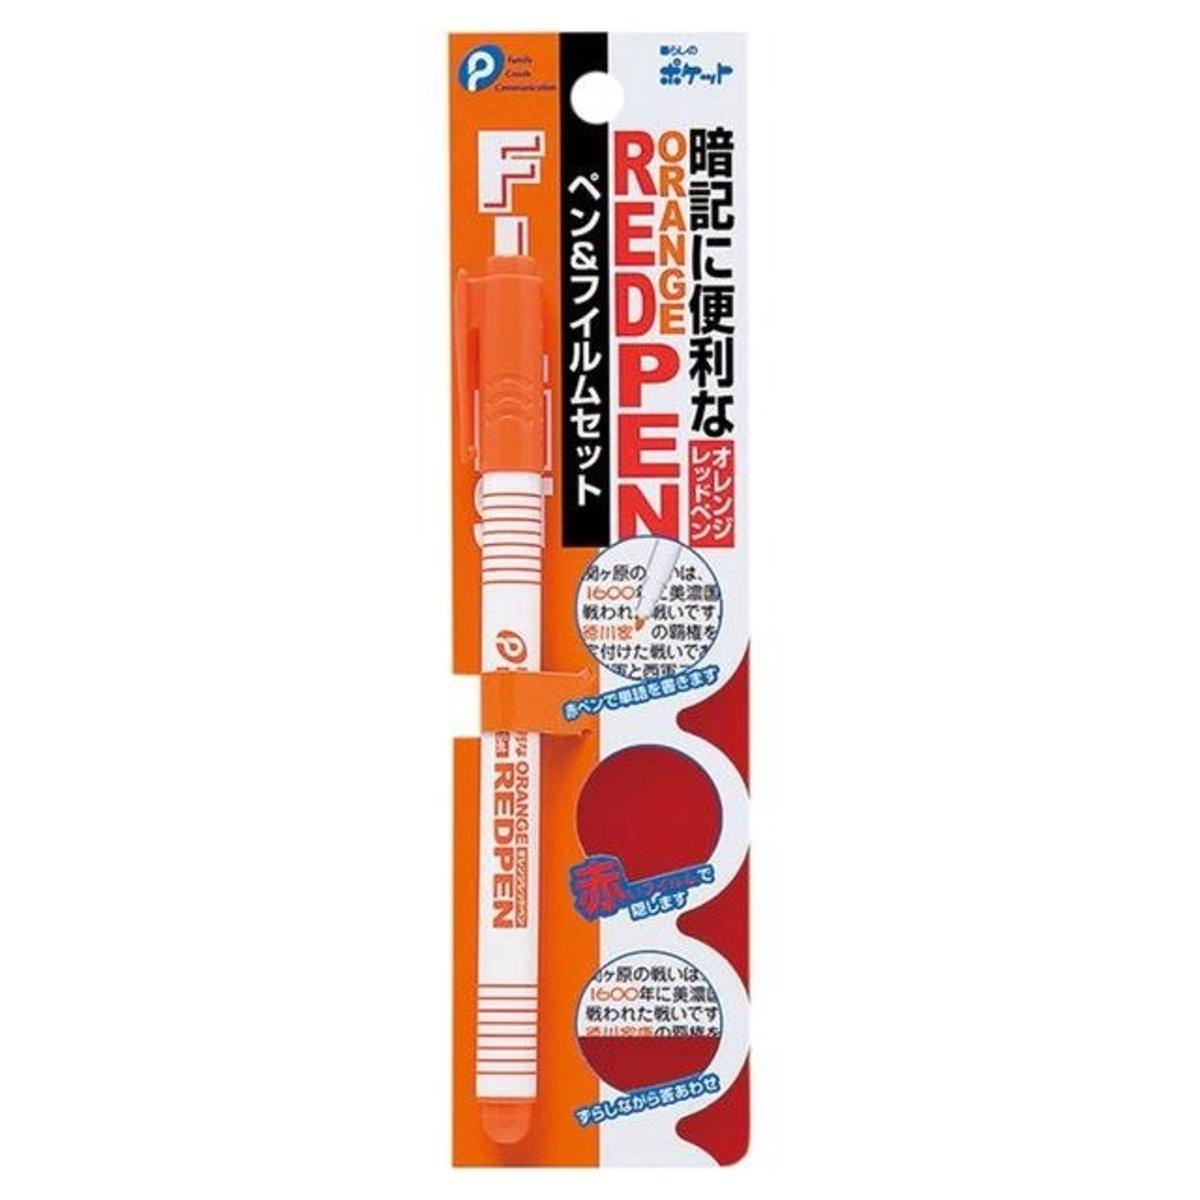 (Made in Japan) Hidden Message Review Pen - Orange